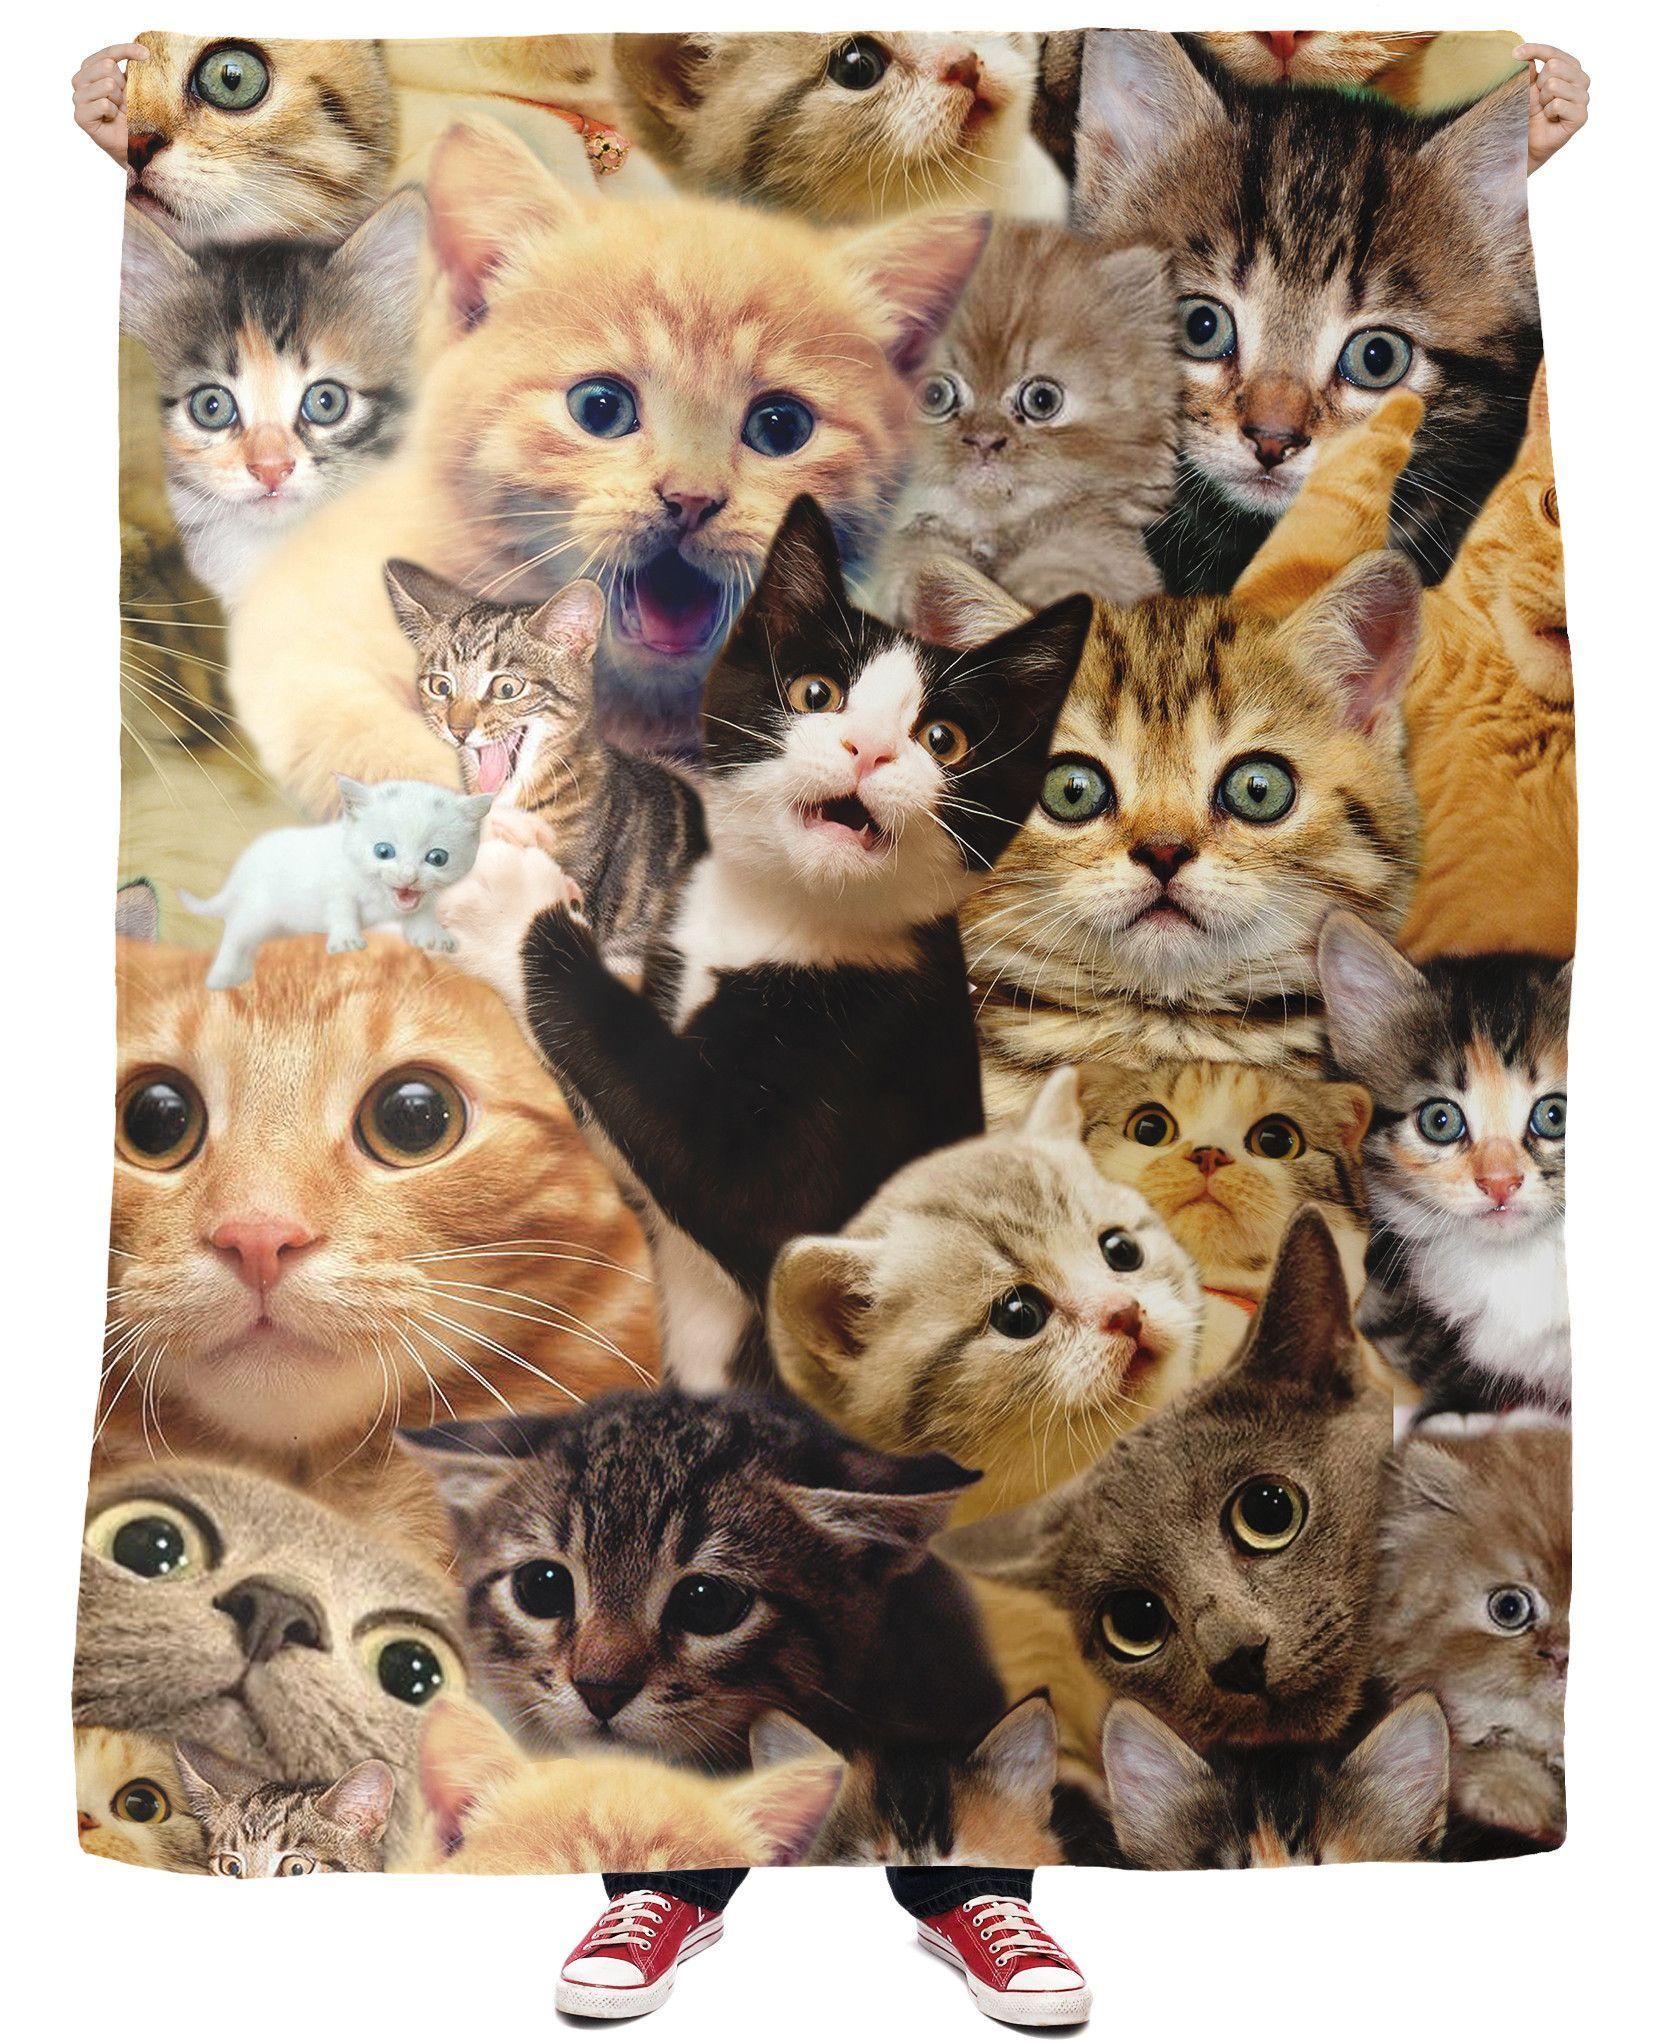 Surprised Cats Fleece Blanket Cat Bandana Fleece Blanket Cats